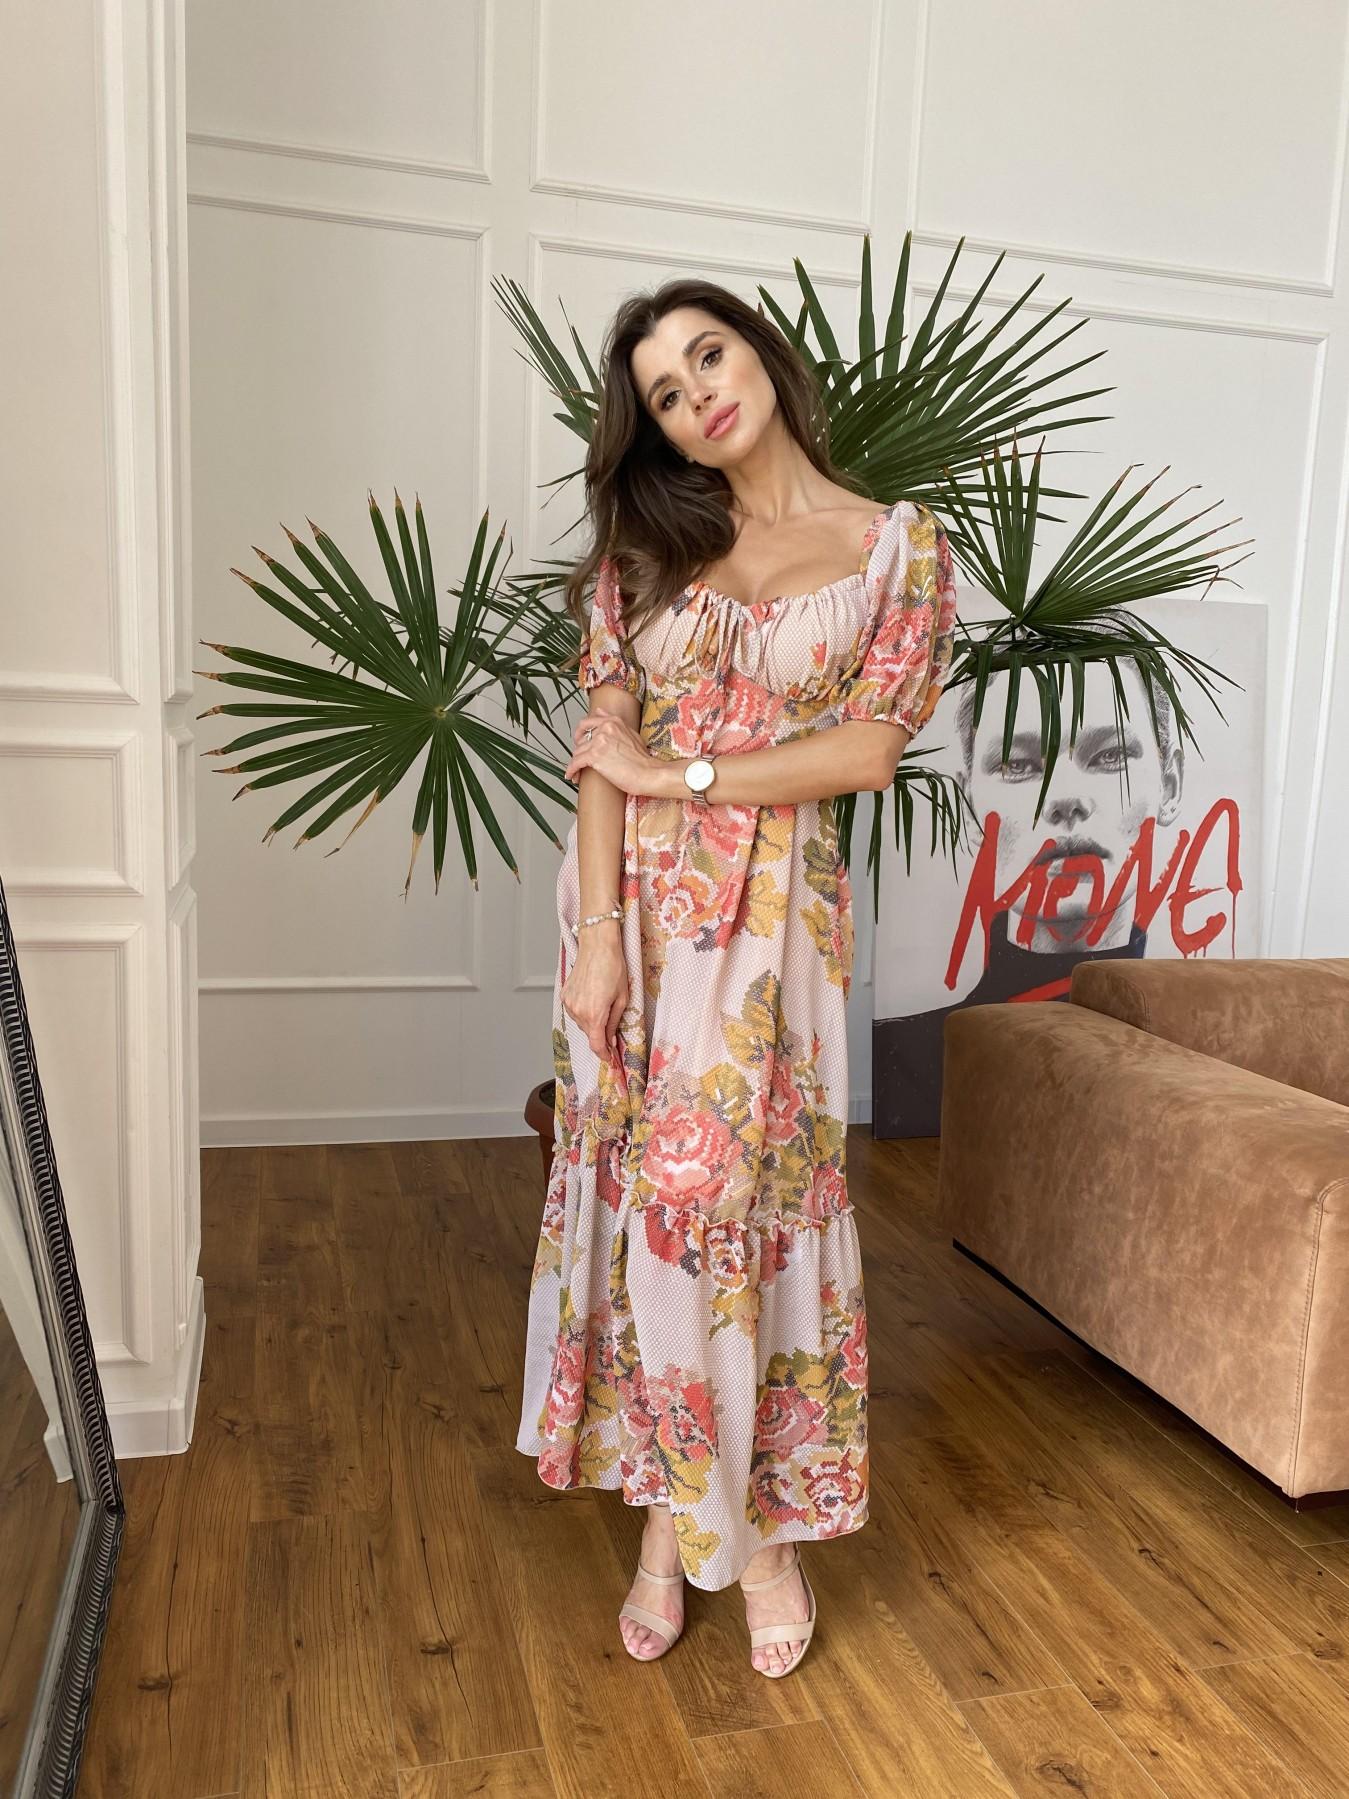 Лоретта платье из шифона в принт 11468 АРТ. 48252 Цвет: Беж.Св/Беж вышивка - фото 4, интернет магазин tm-modus.ru